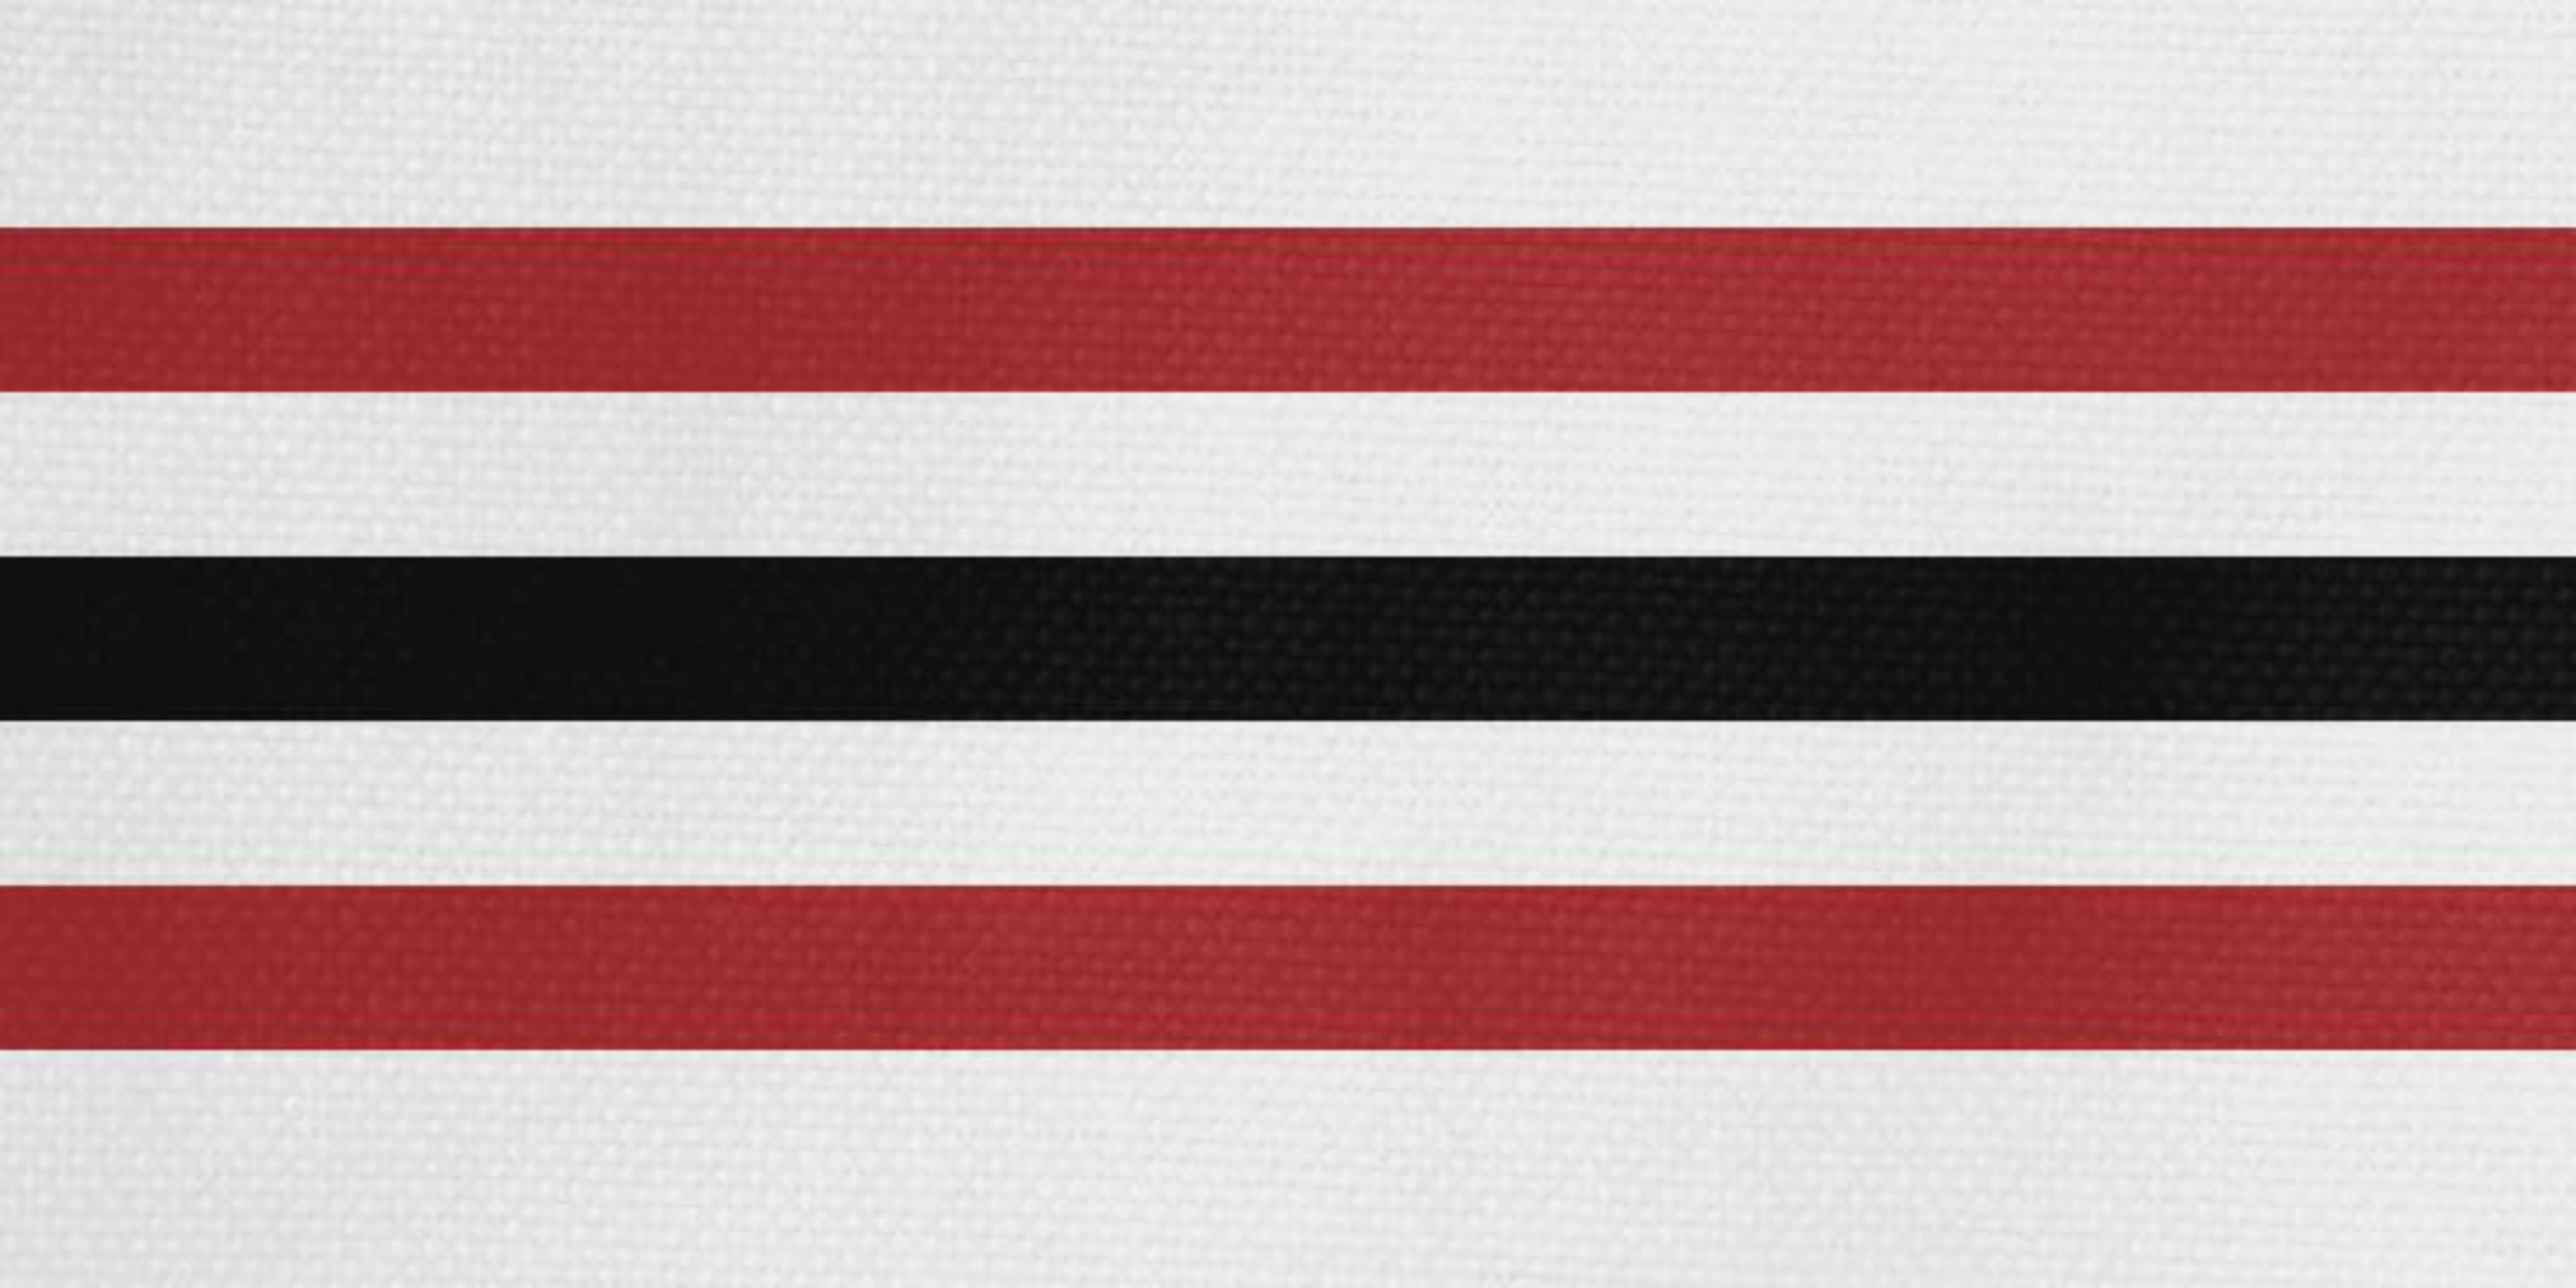 Il particolare delle 3 strisce Adidas nella seconda maglia del Milan 2017–2018 (foto: footyheadlines.com)